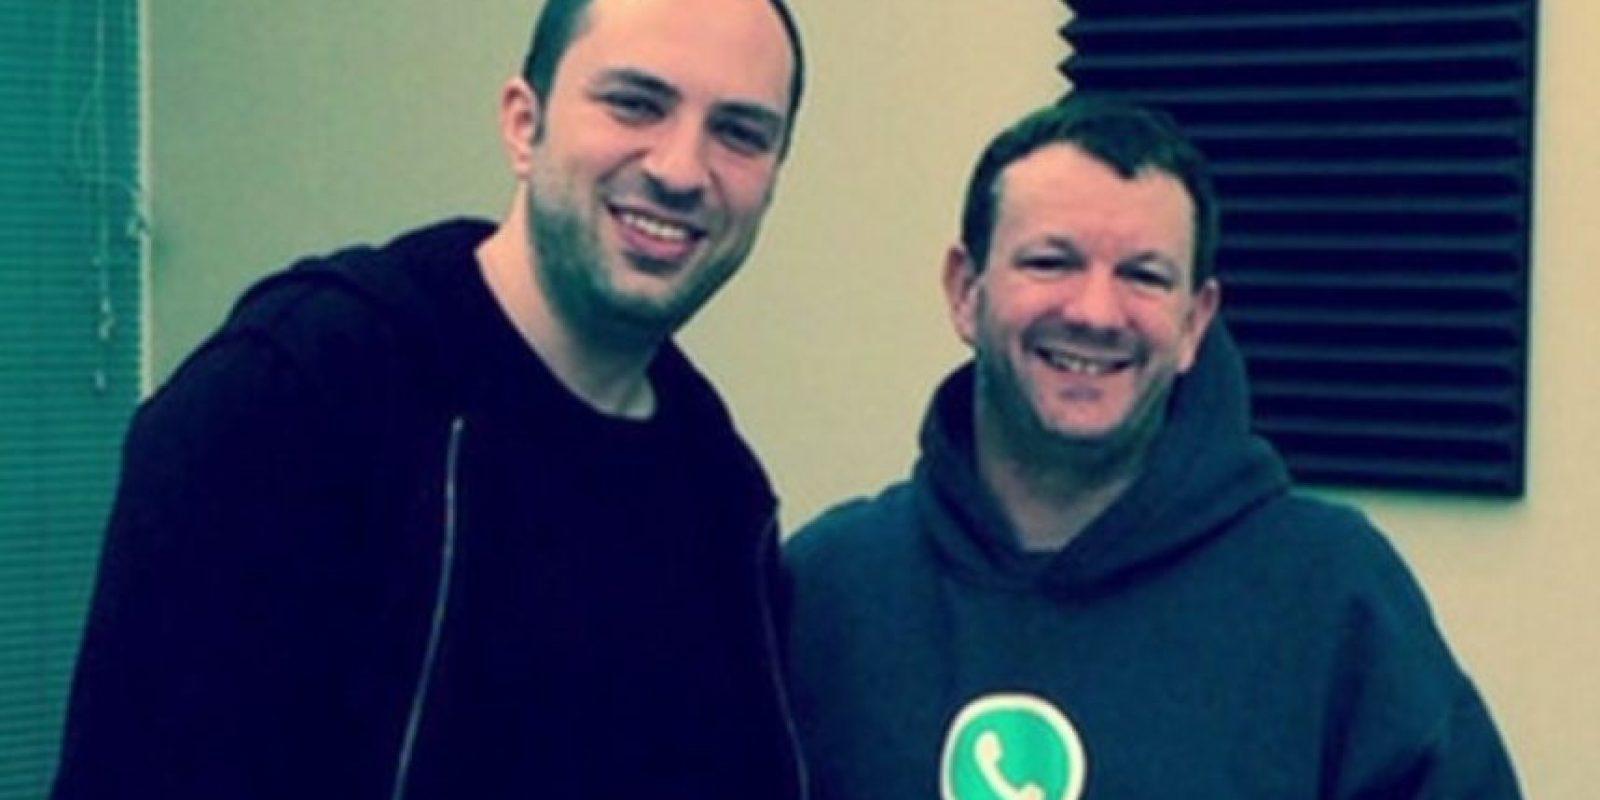 Jan Kum y Brian Acton, los creadores de la app. Foto:Tumblr